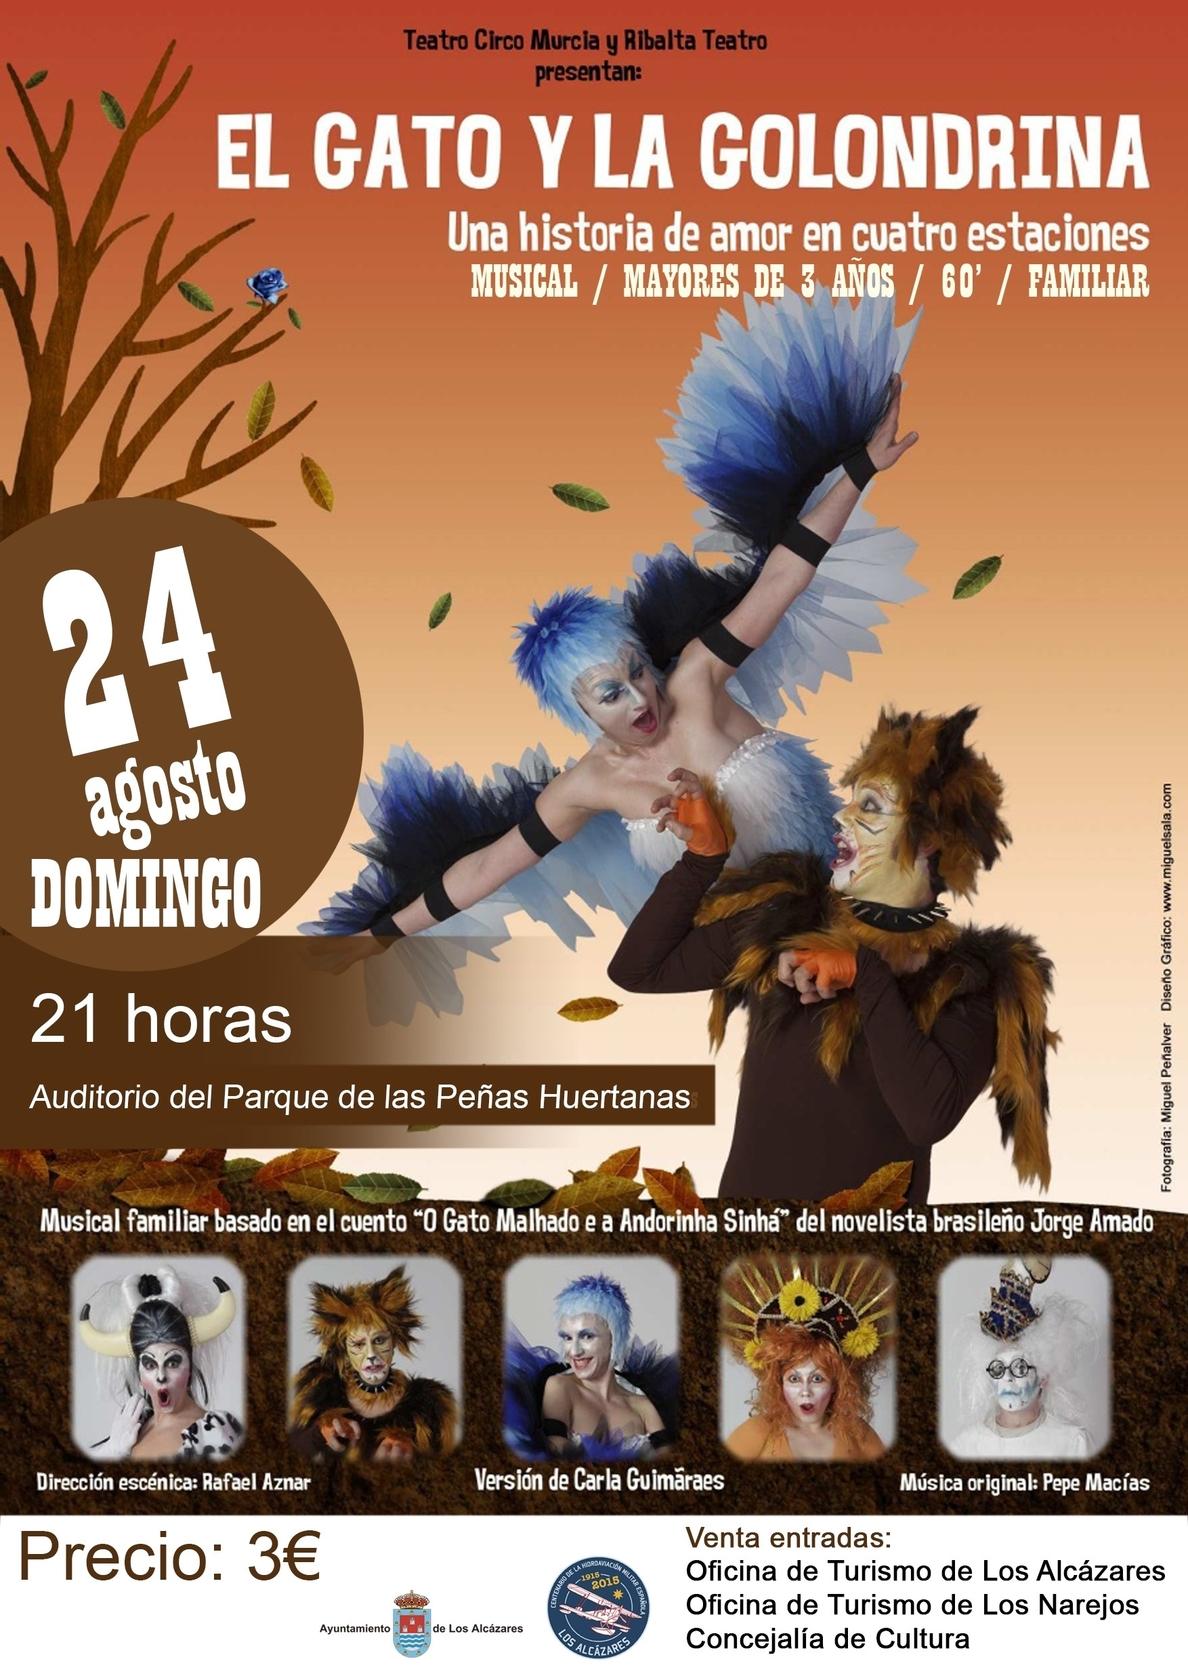 El Parque de las Peñas Huertanas de Los Alcázares acoge este domingo el musical »El gato y la golondrina»